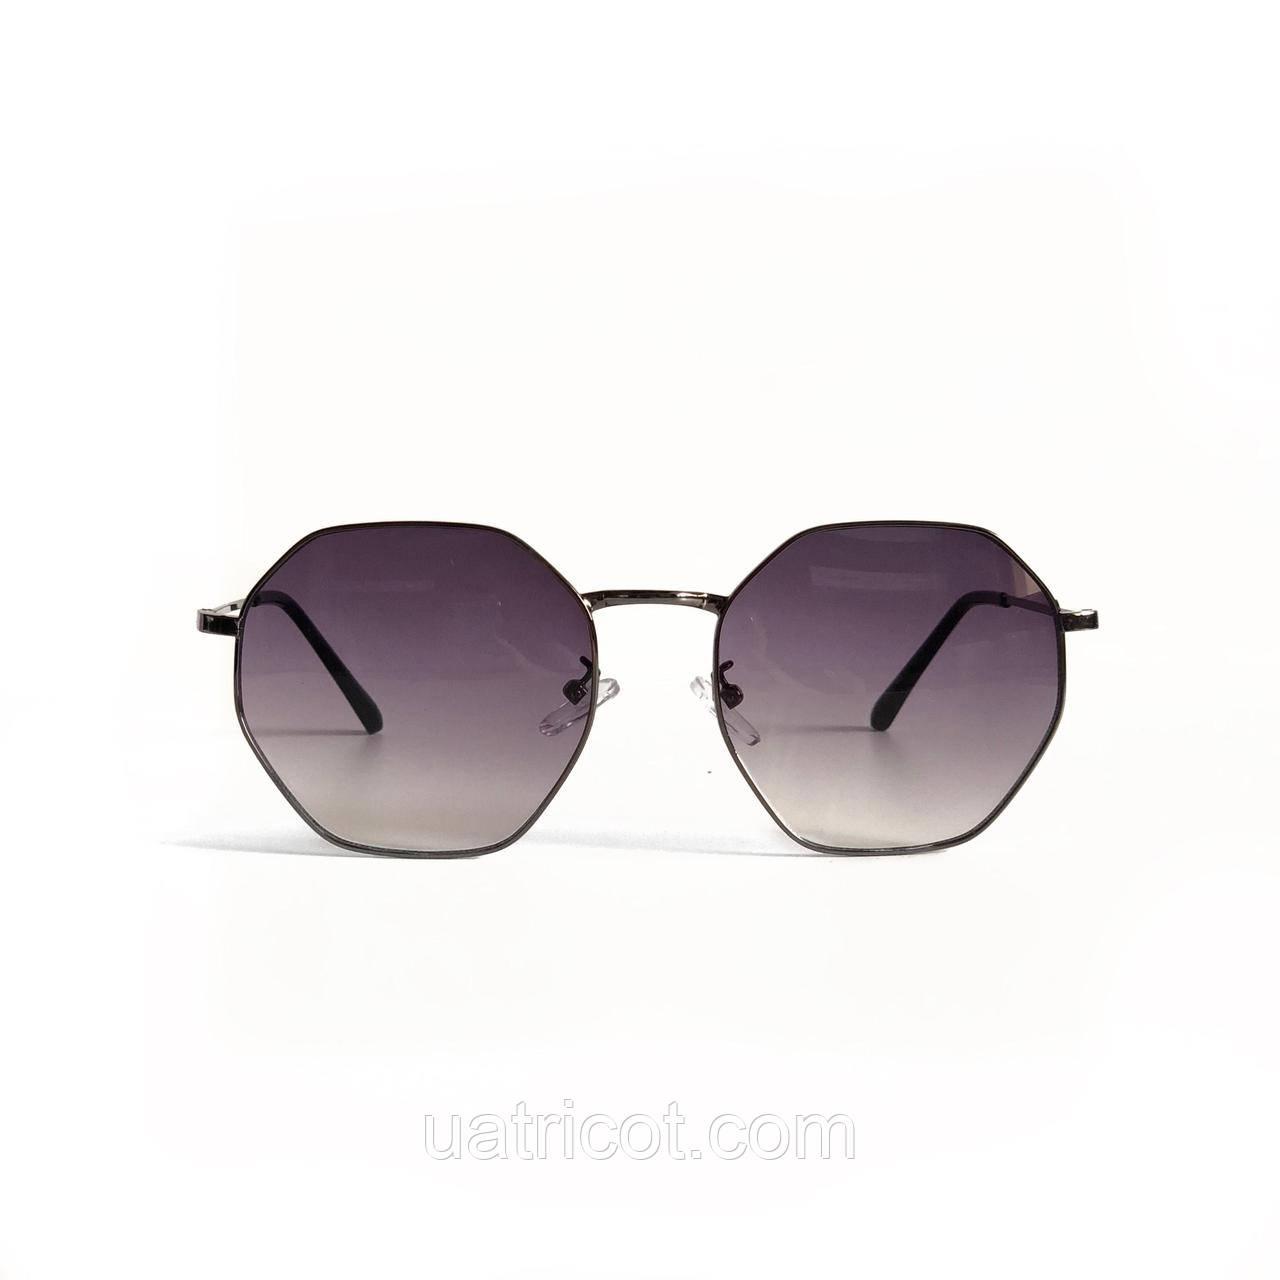 Женские солнцезащитные очки шестигранники с лавандовыми линзами